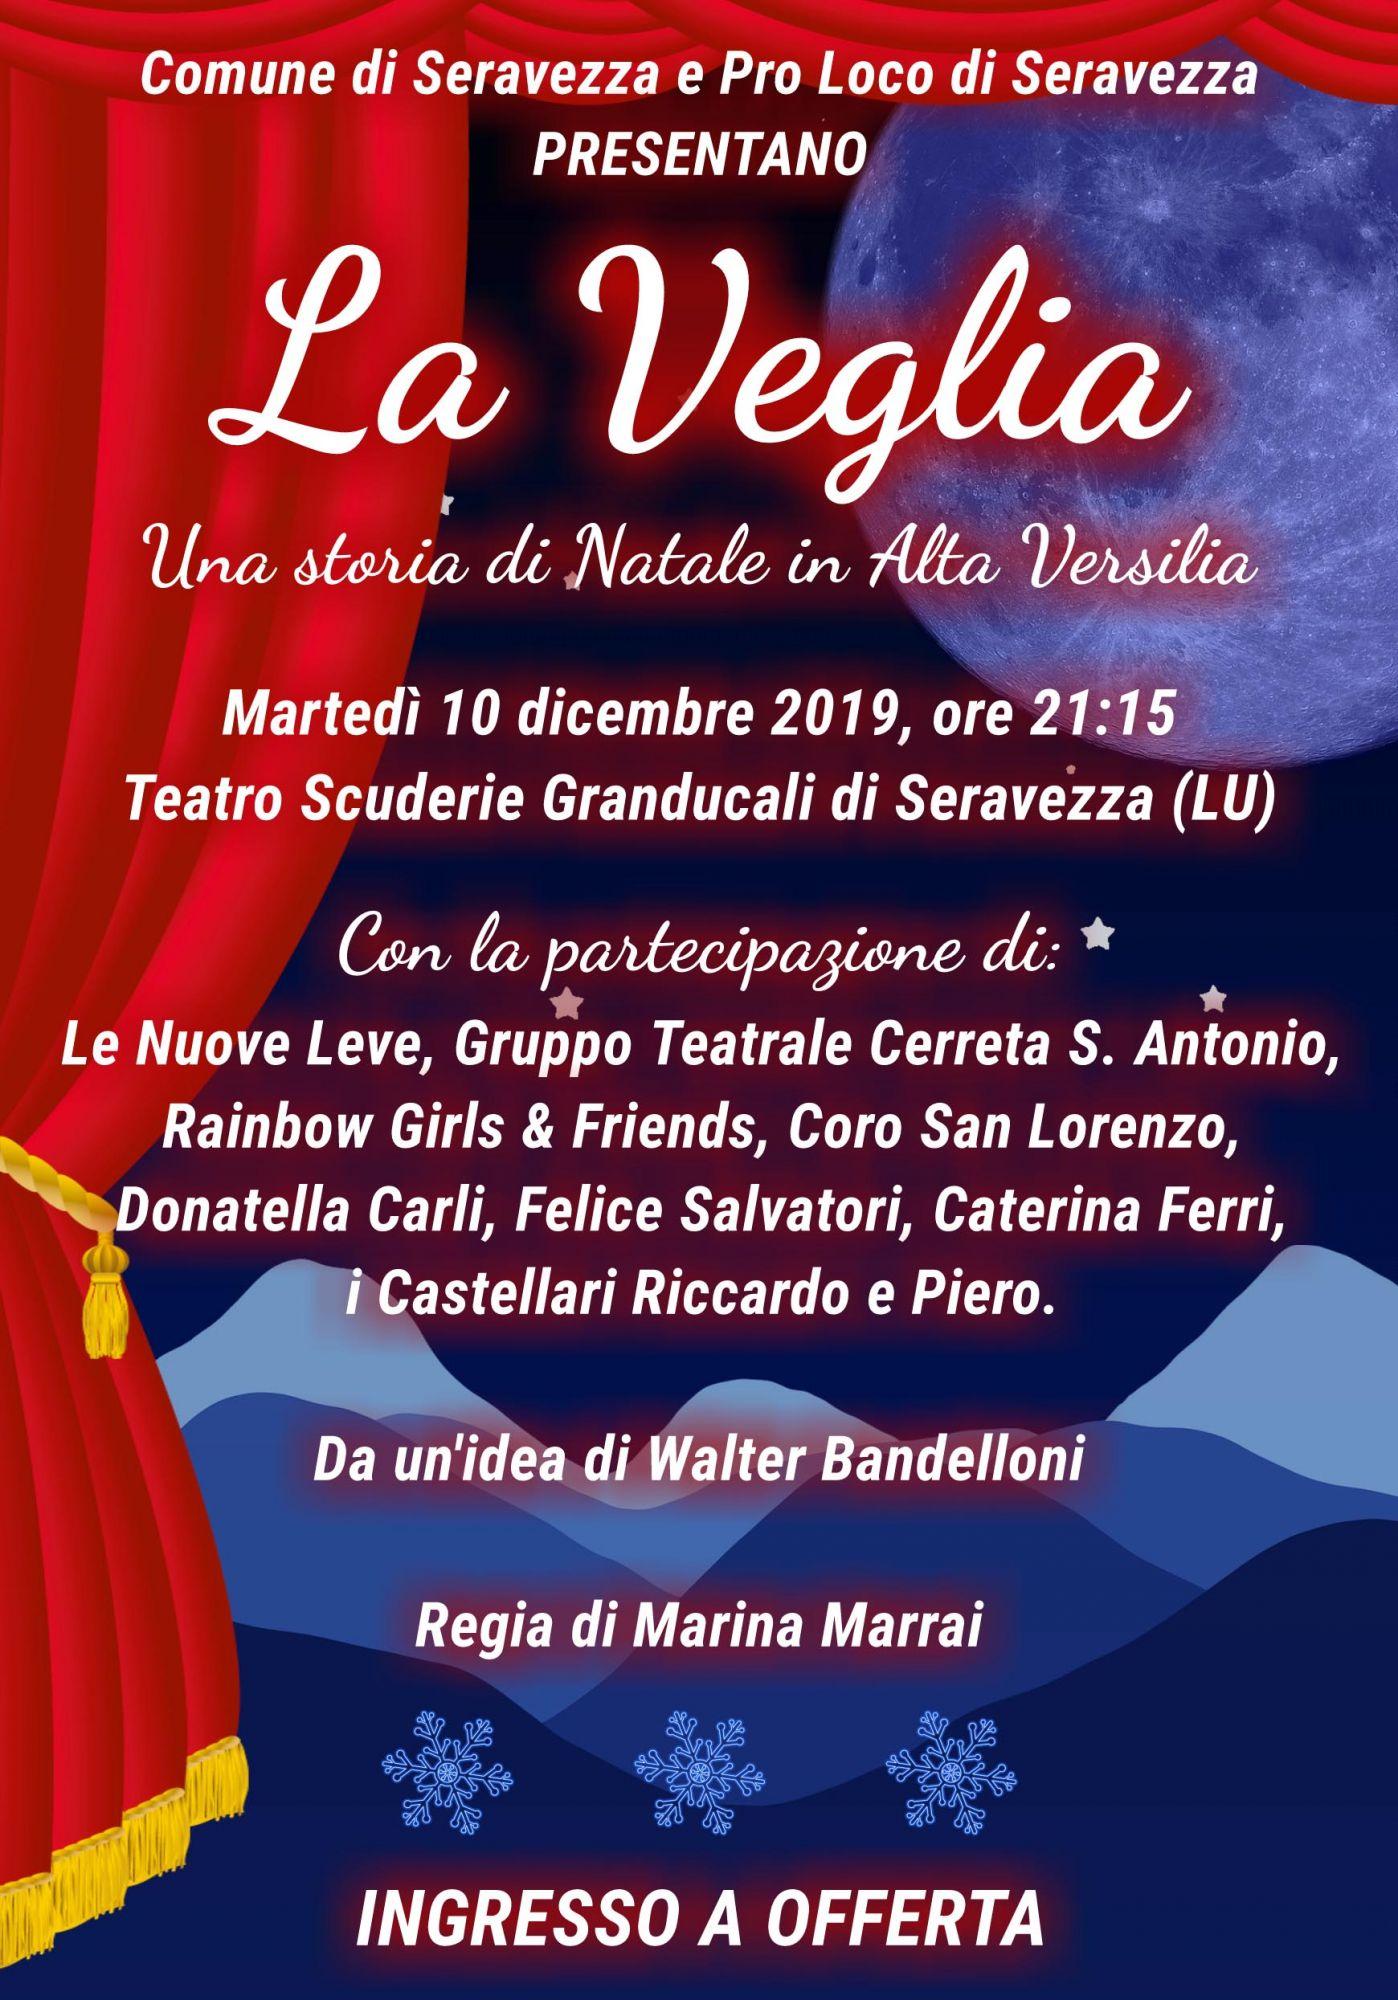 """Spettacolo """"La Veglia"""" in programma alle Scuderie Granducali di Seravezza"""